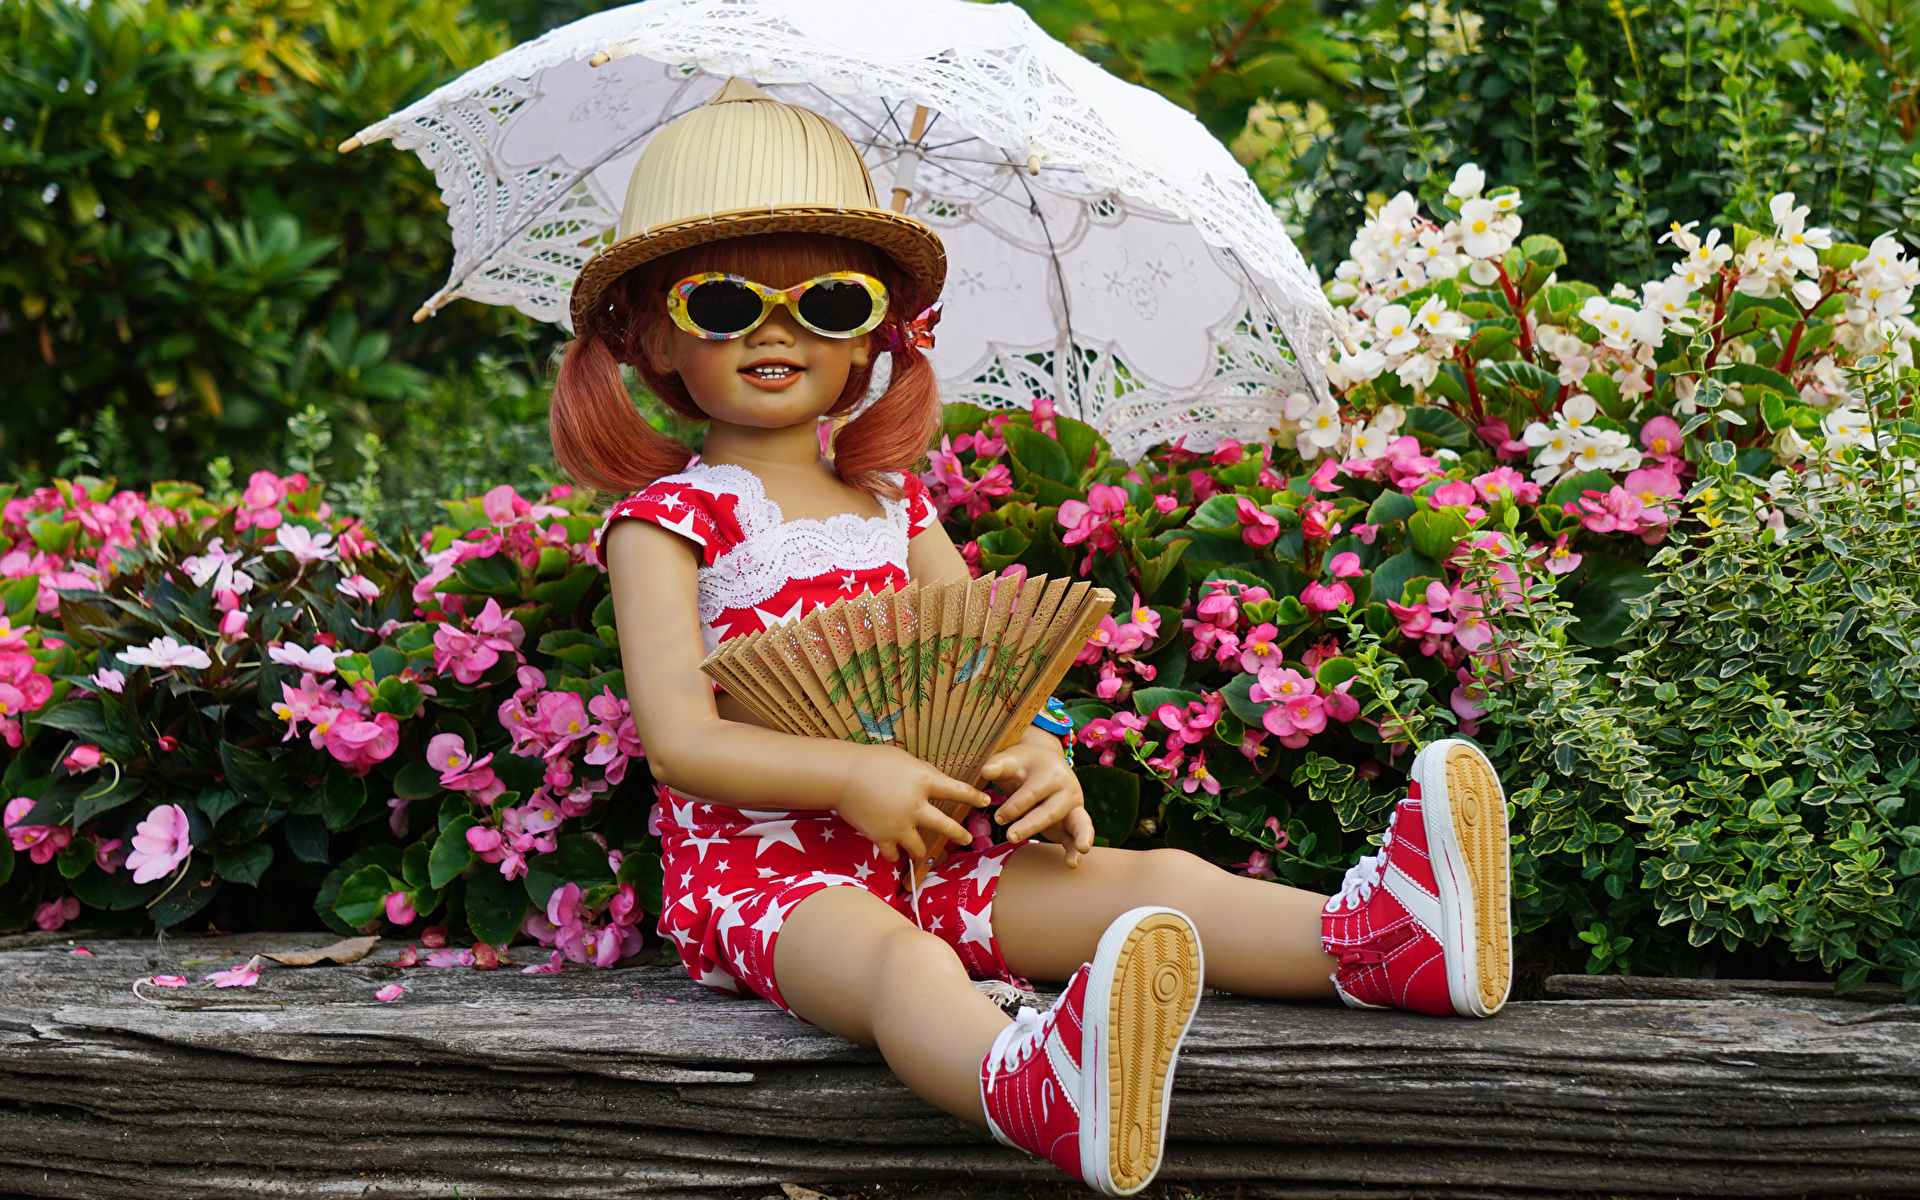 Фото девочка Германия куклы Grugapark Essen шляпы Природа парк Очки Зонт 1920x1200 Девочки Кукла Шляпа шляпе Парки очков очках зонтом зонтик